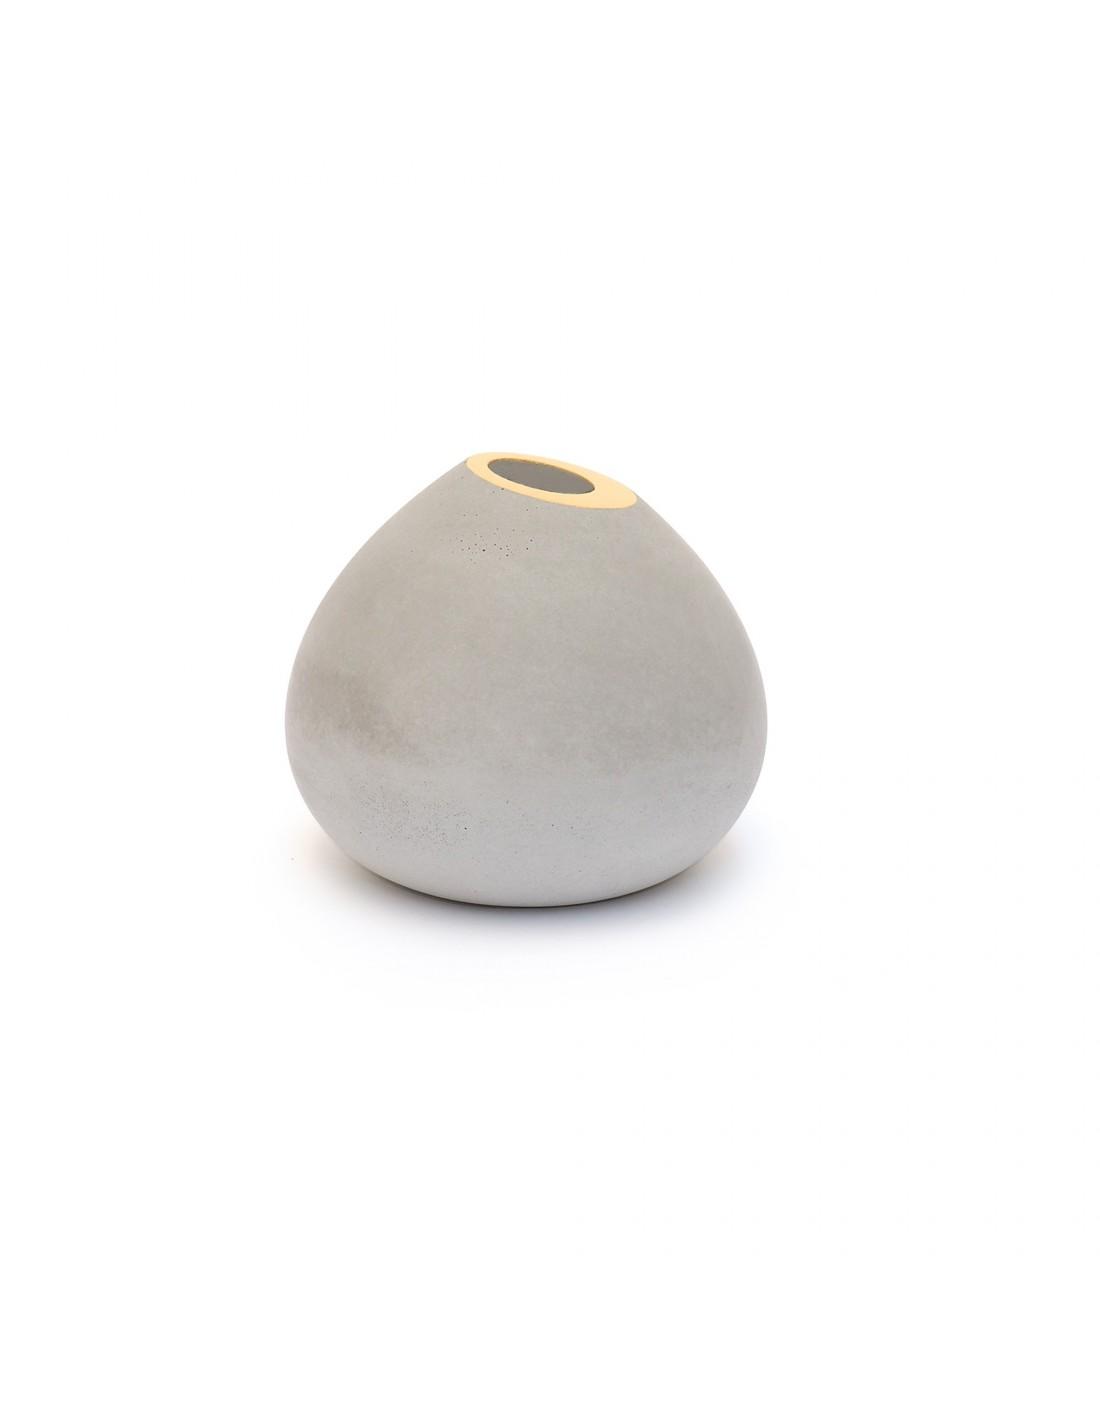 Soliflore en béton cream gold